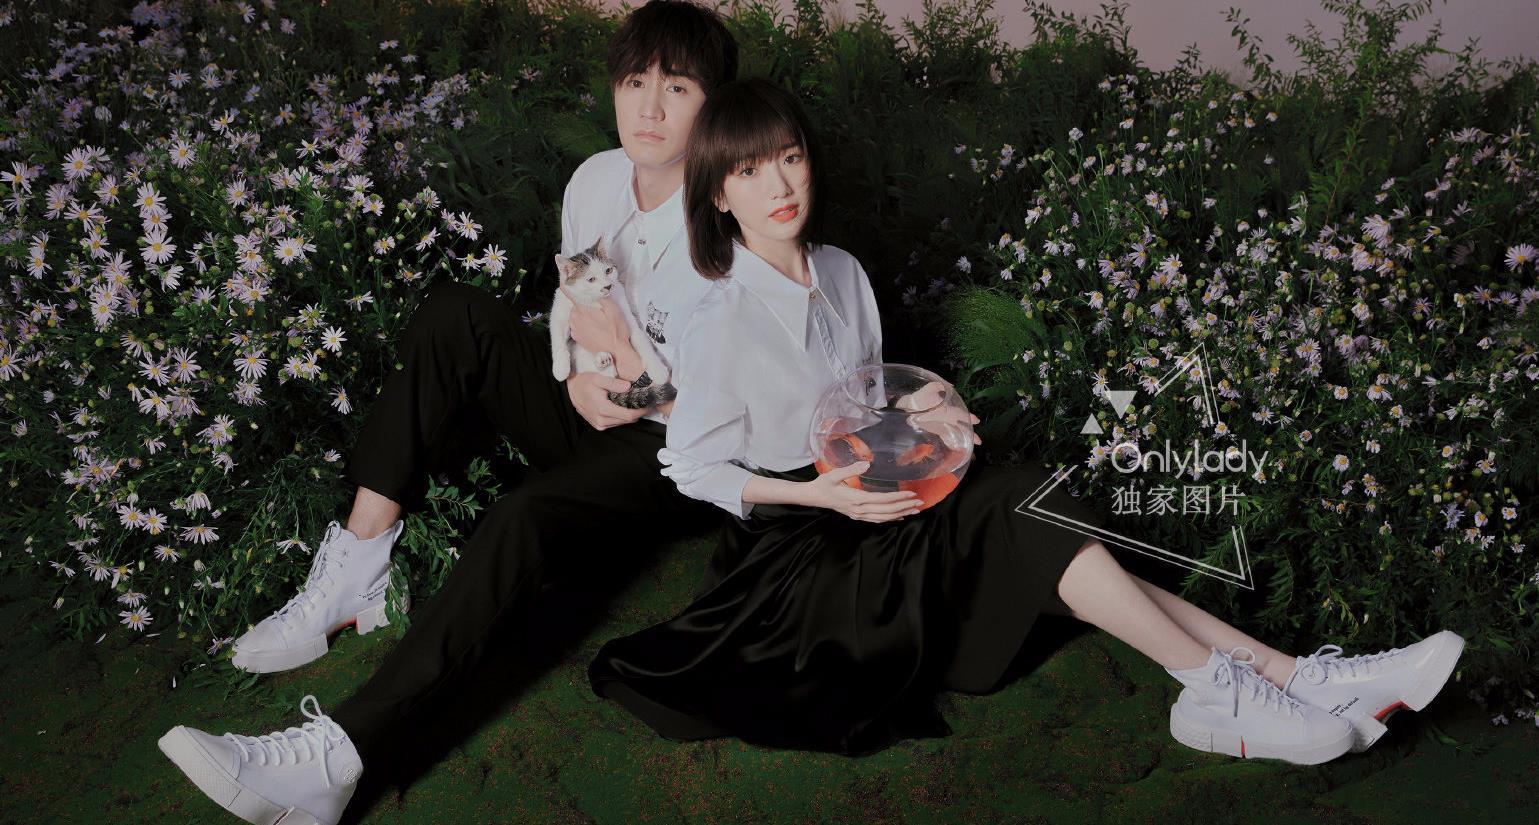 杨玏毛晓彤合拍大片,穿情侣装CP感十足,两人牵手出镜太甜了